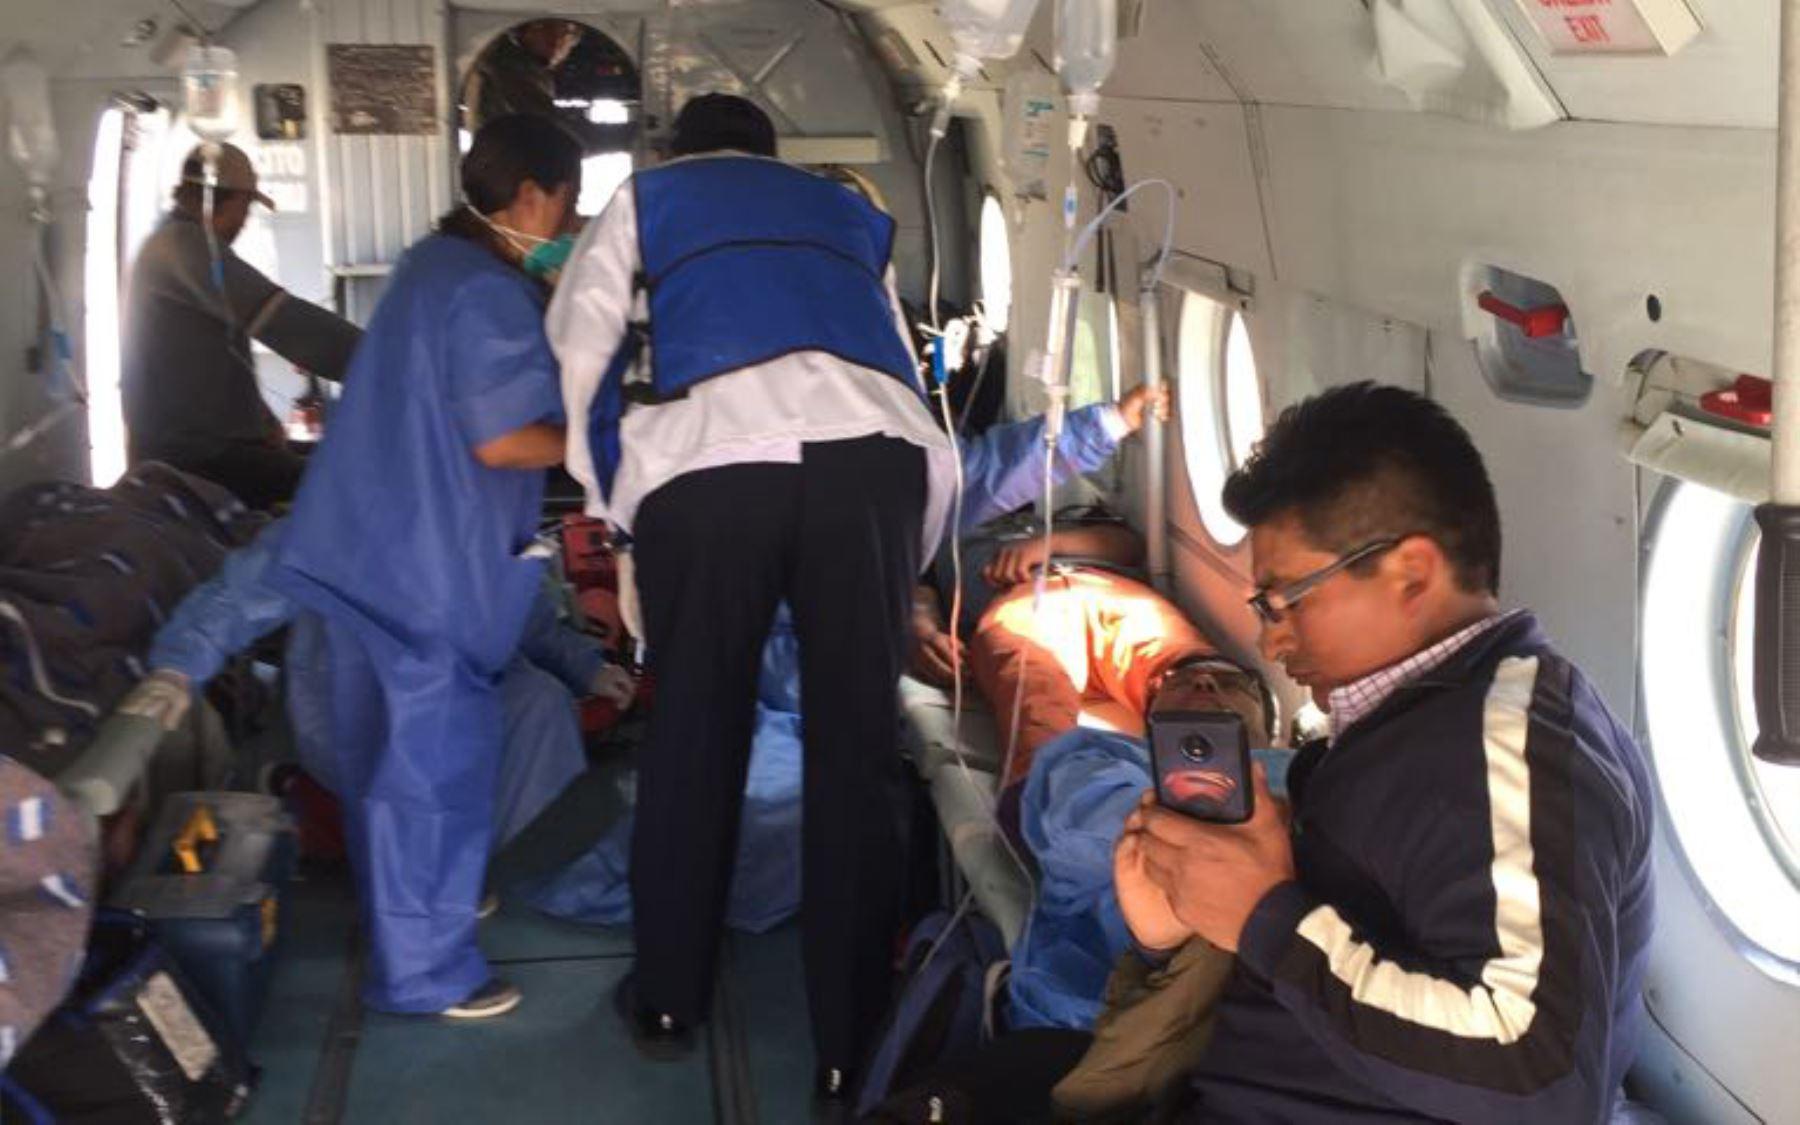 Helicóptero de las Fuerzas Armadas llegó al Ala Aérea 3 de Arequipa con seis pacientes críticos por intoxicación en Ayacucho. Fueron trasladados inmediatamente al hospital Honorio Delgado y al Hospital General del Sur de la Fuerza Aérea para su atención. Foto: ANDINA/COEN.